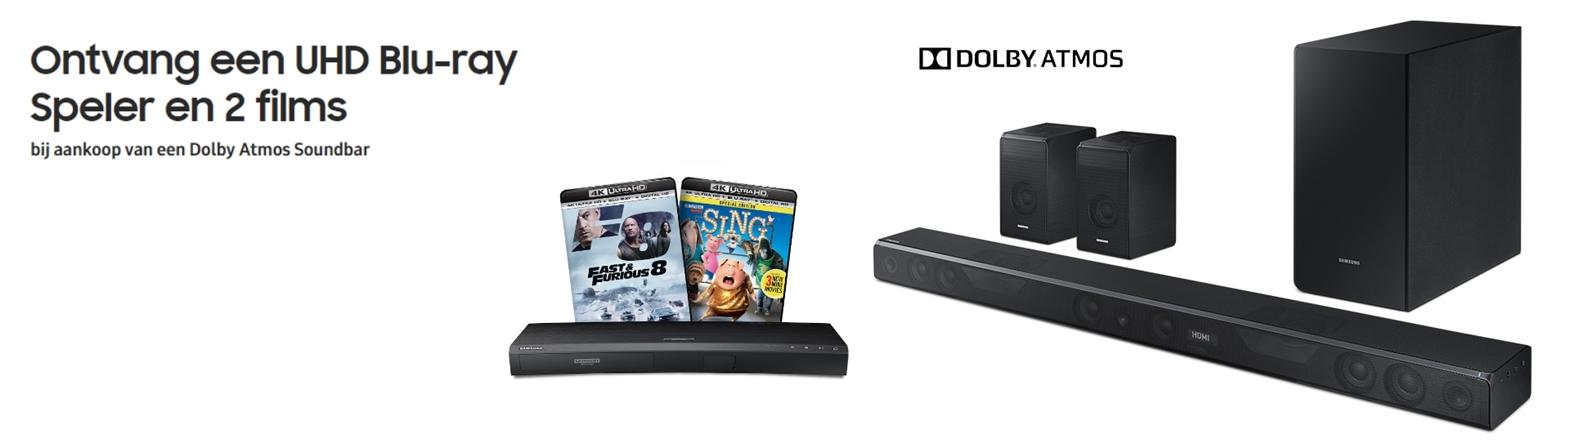 Nu een gratis UHD Blu-ray speler bij een Samsung Dolby Atmos soundbar